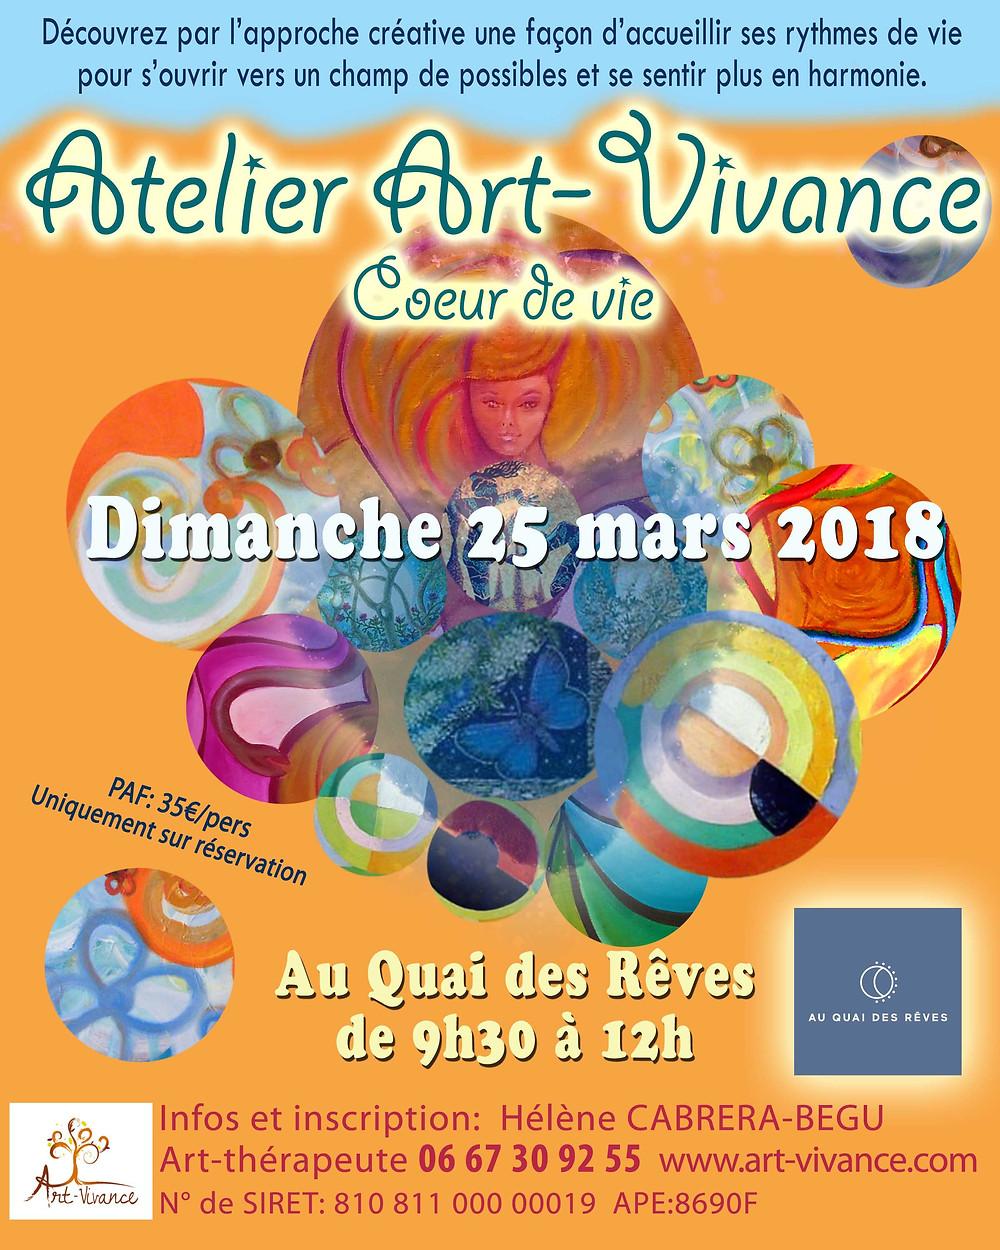 Atelier Art-Vivance Arras Hauts-de-France 25 mars 2018